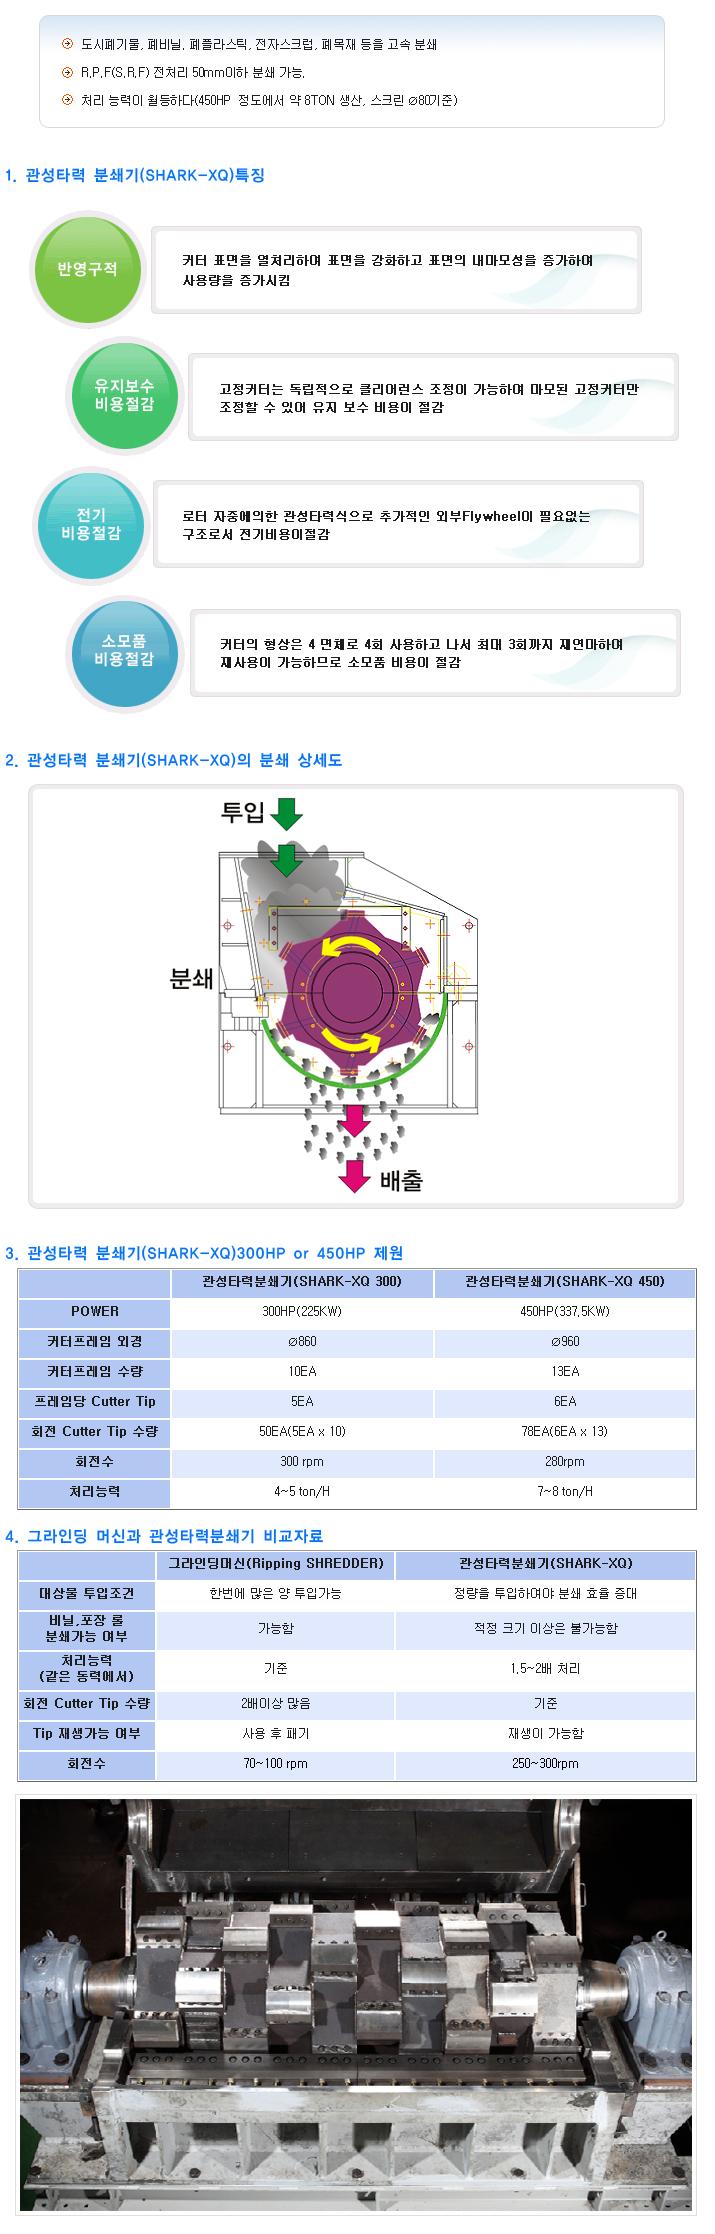 (주)정일기계 관성타력 분쇄기 SHARK-XQ